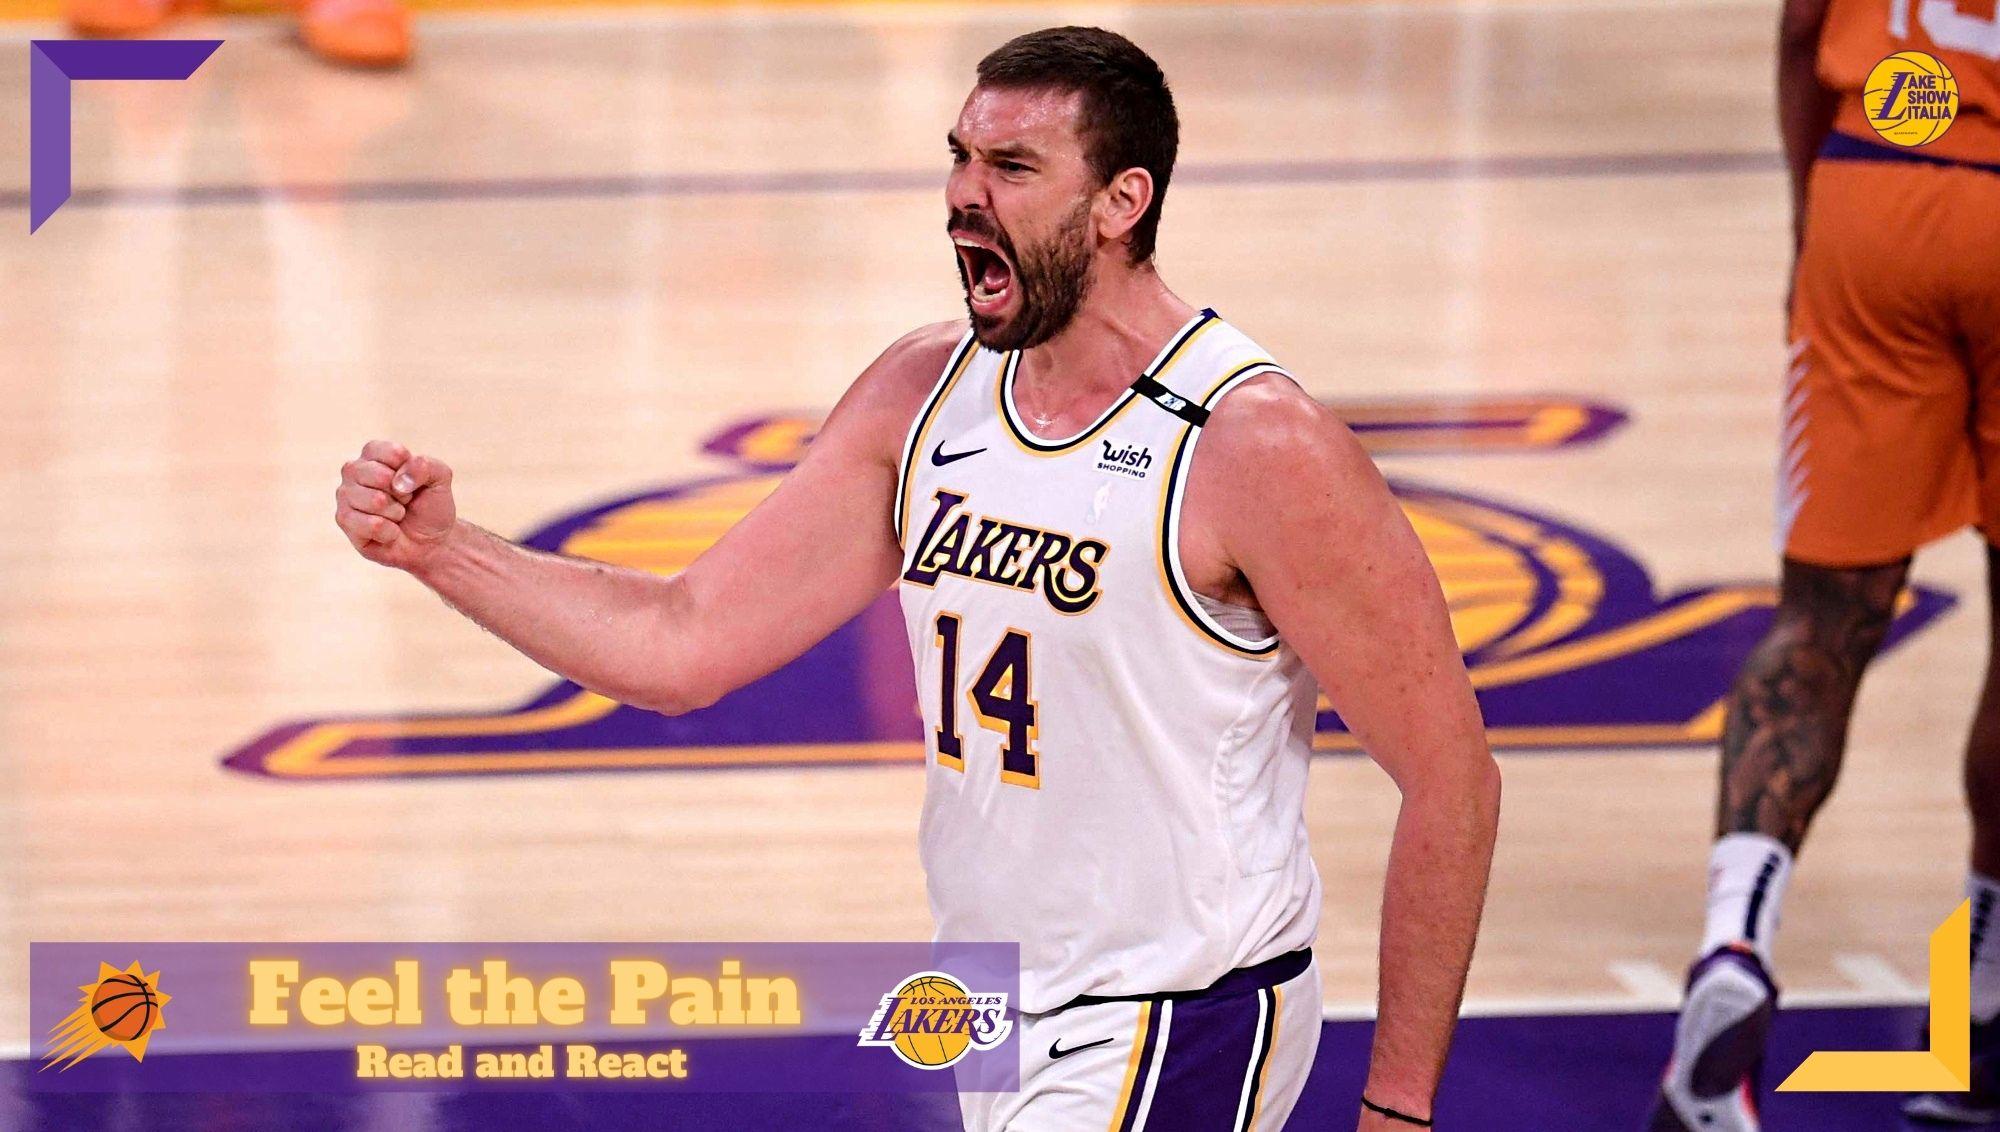 La nostra analisi di gara 4 tra Lakers e Suns con un focus sul contributo positivo di Marc Gasol e la pessima difesa in transizione dei gialloviola.